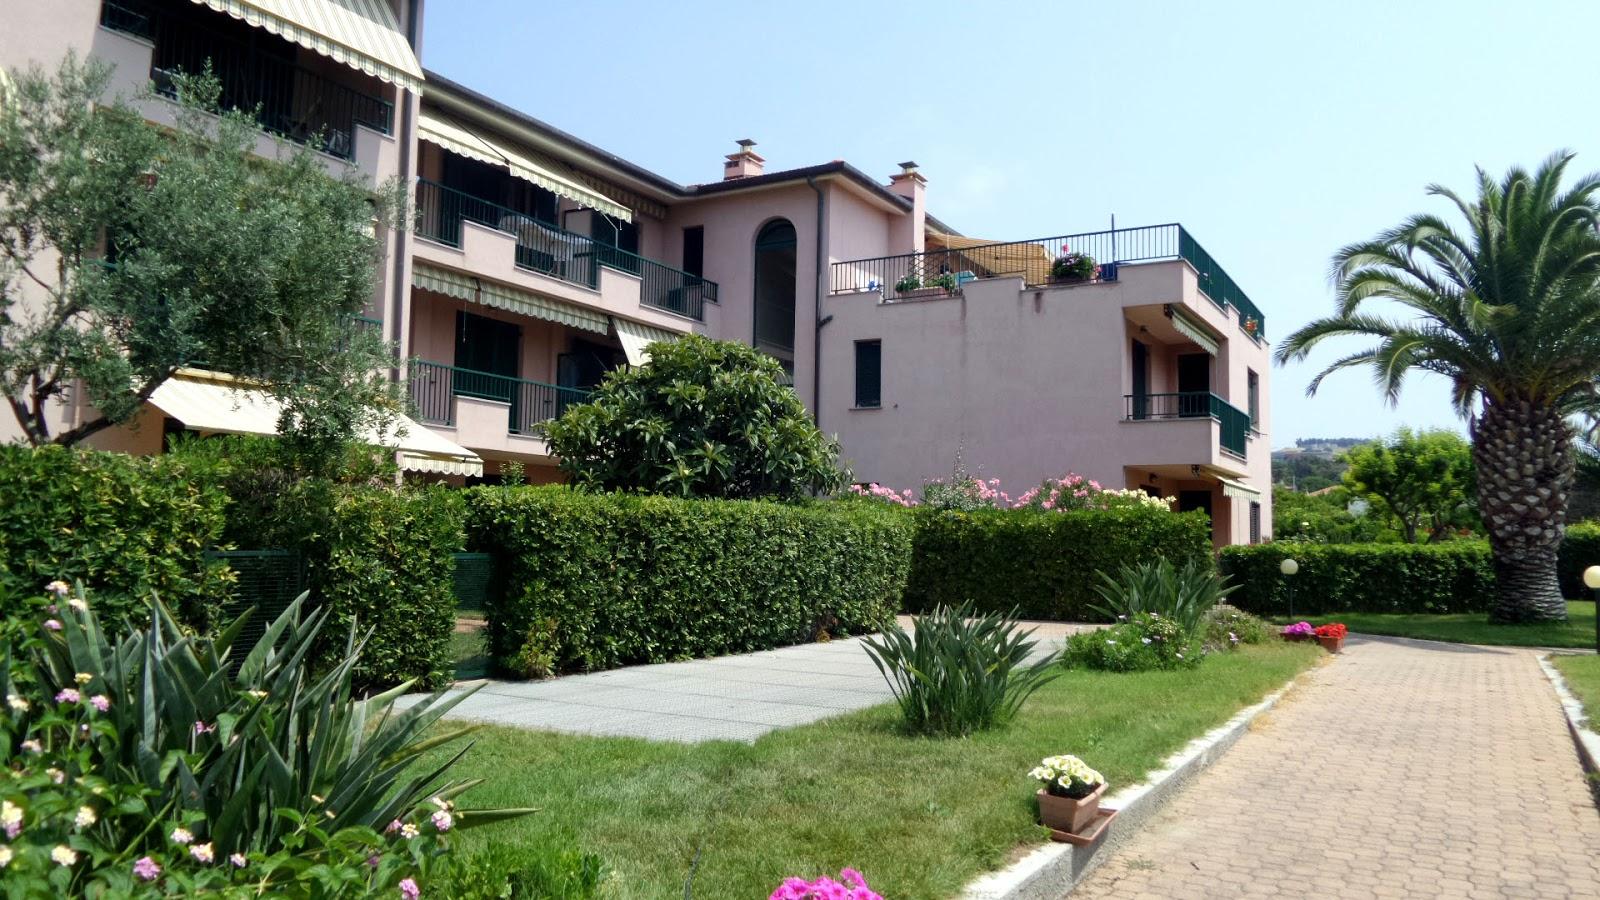 Case in vendita al mare imperia casa in vendita a santo stefano al mare imperia bilocale - Case in vendita grosseto con giardino ...